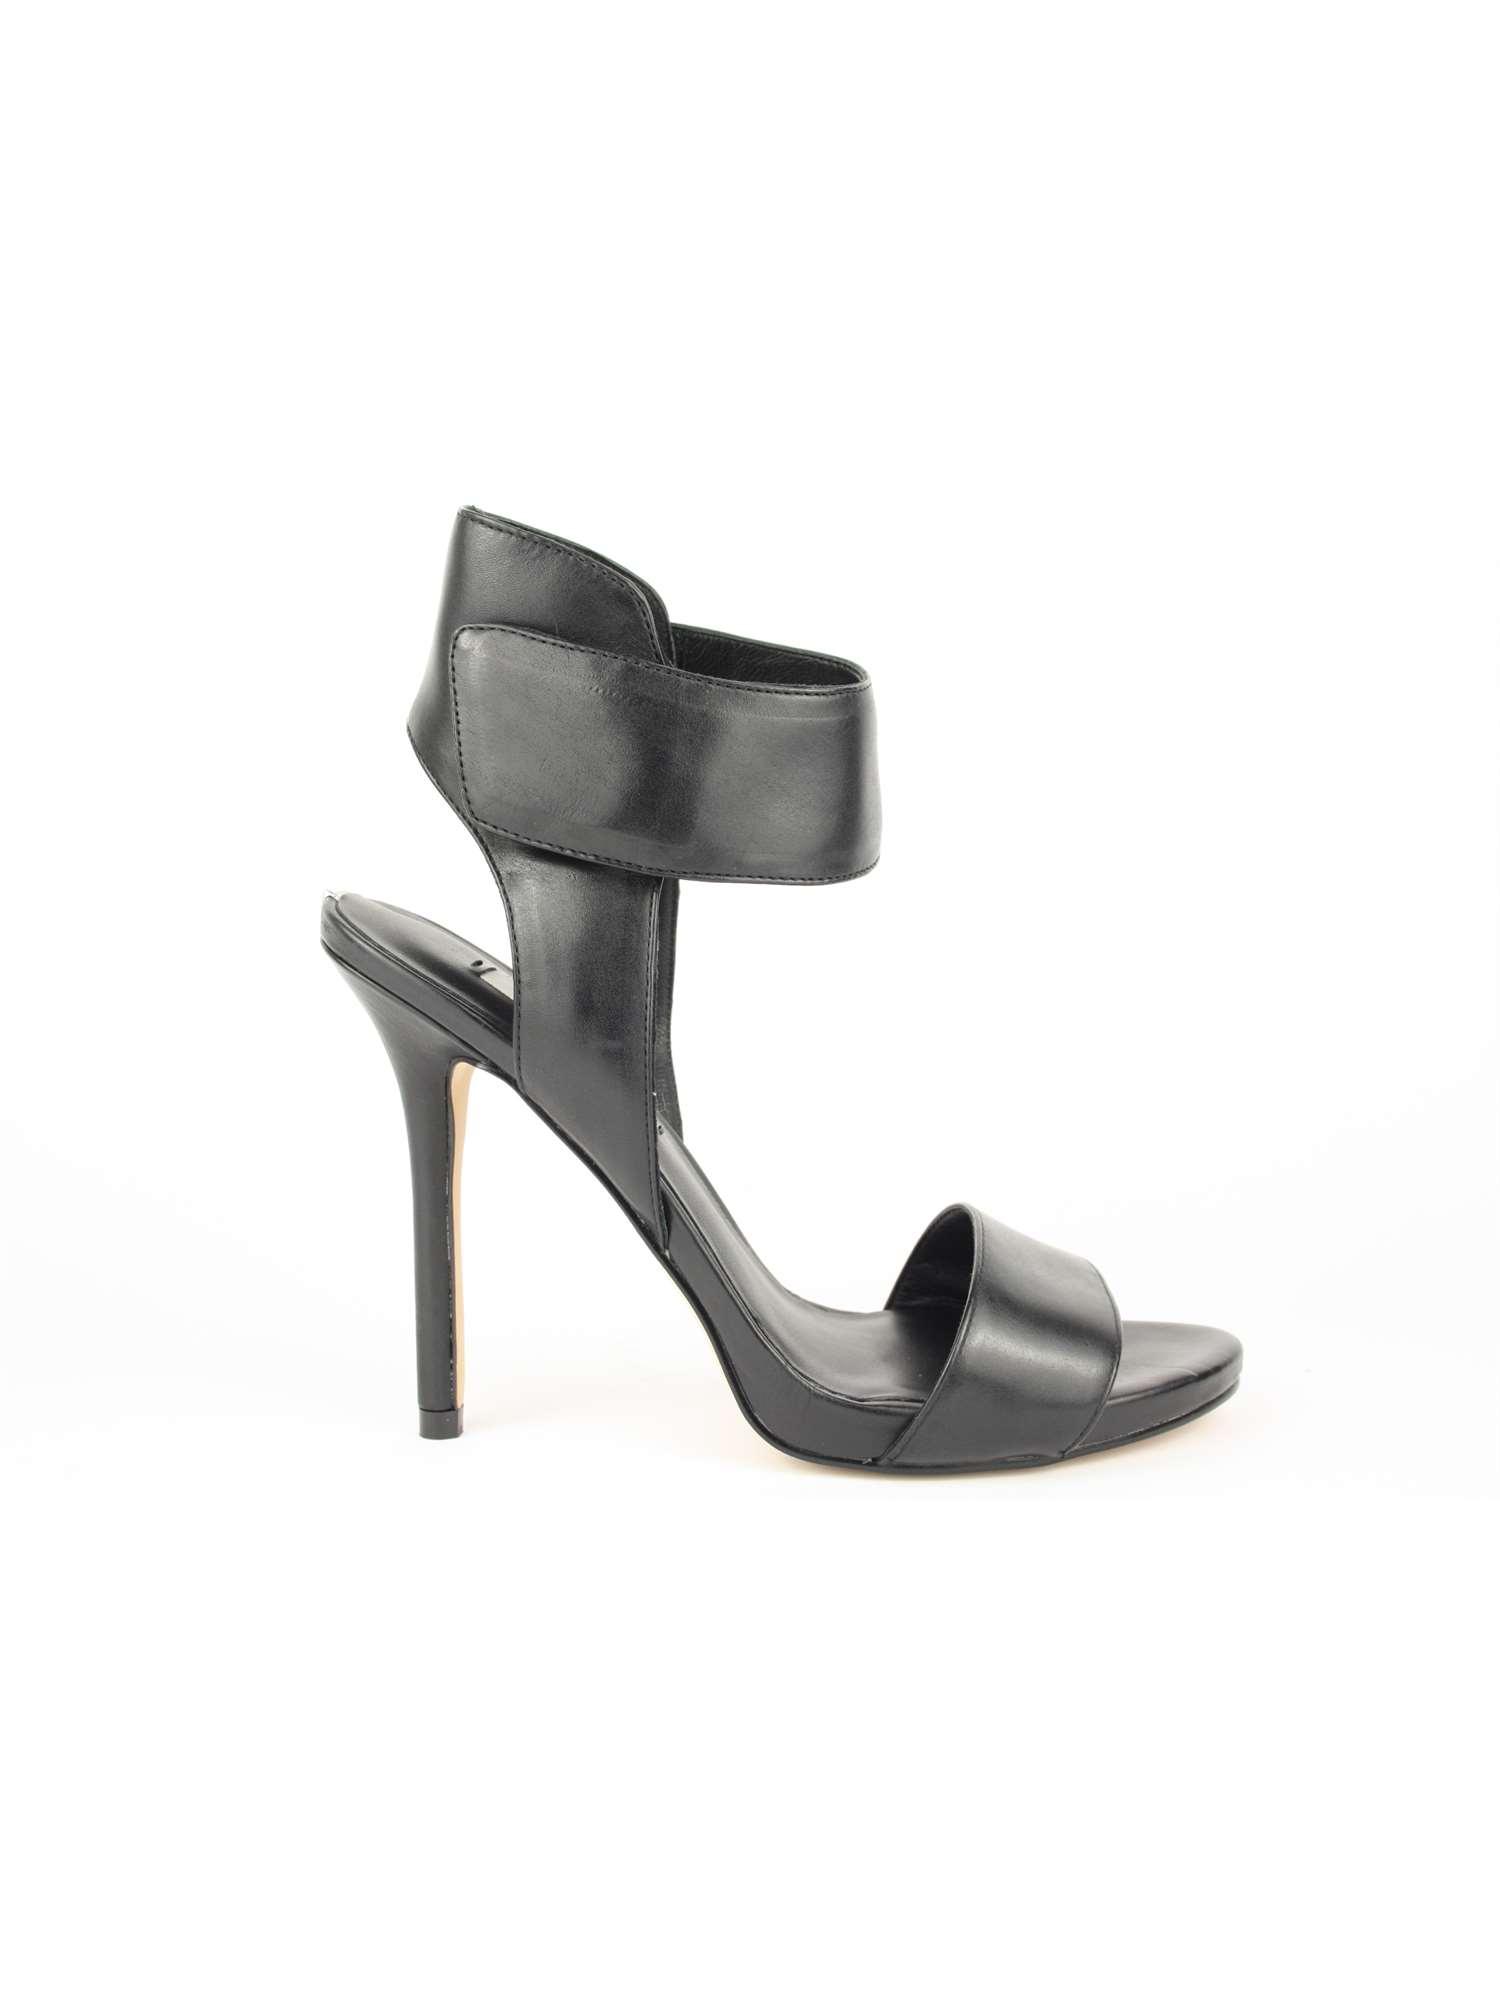 Guess Calzature Sandalo Nero | Sandalo Donna Pelle | Tania